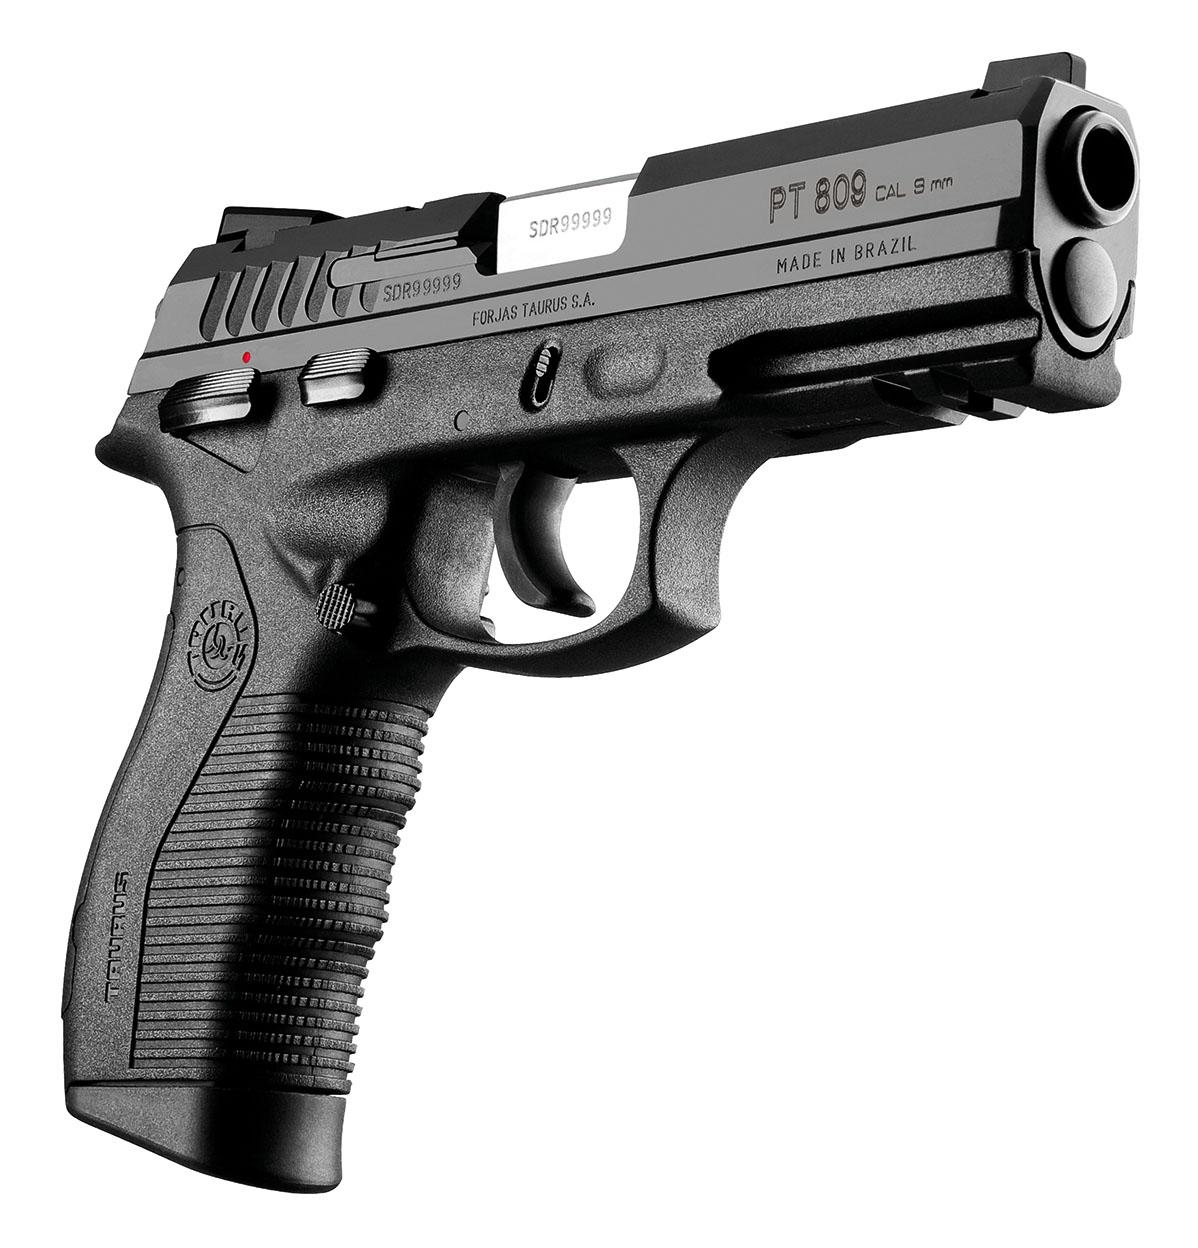 Pistola Taurus 809